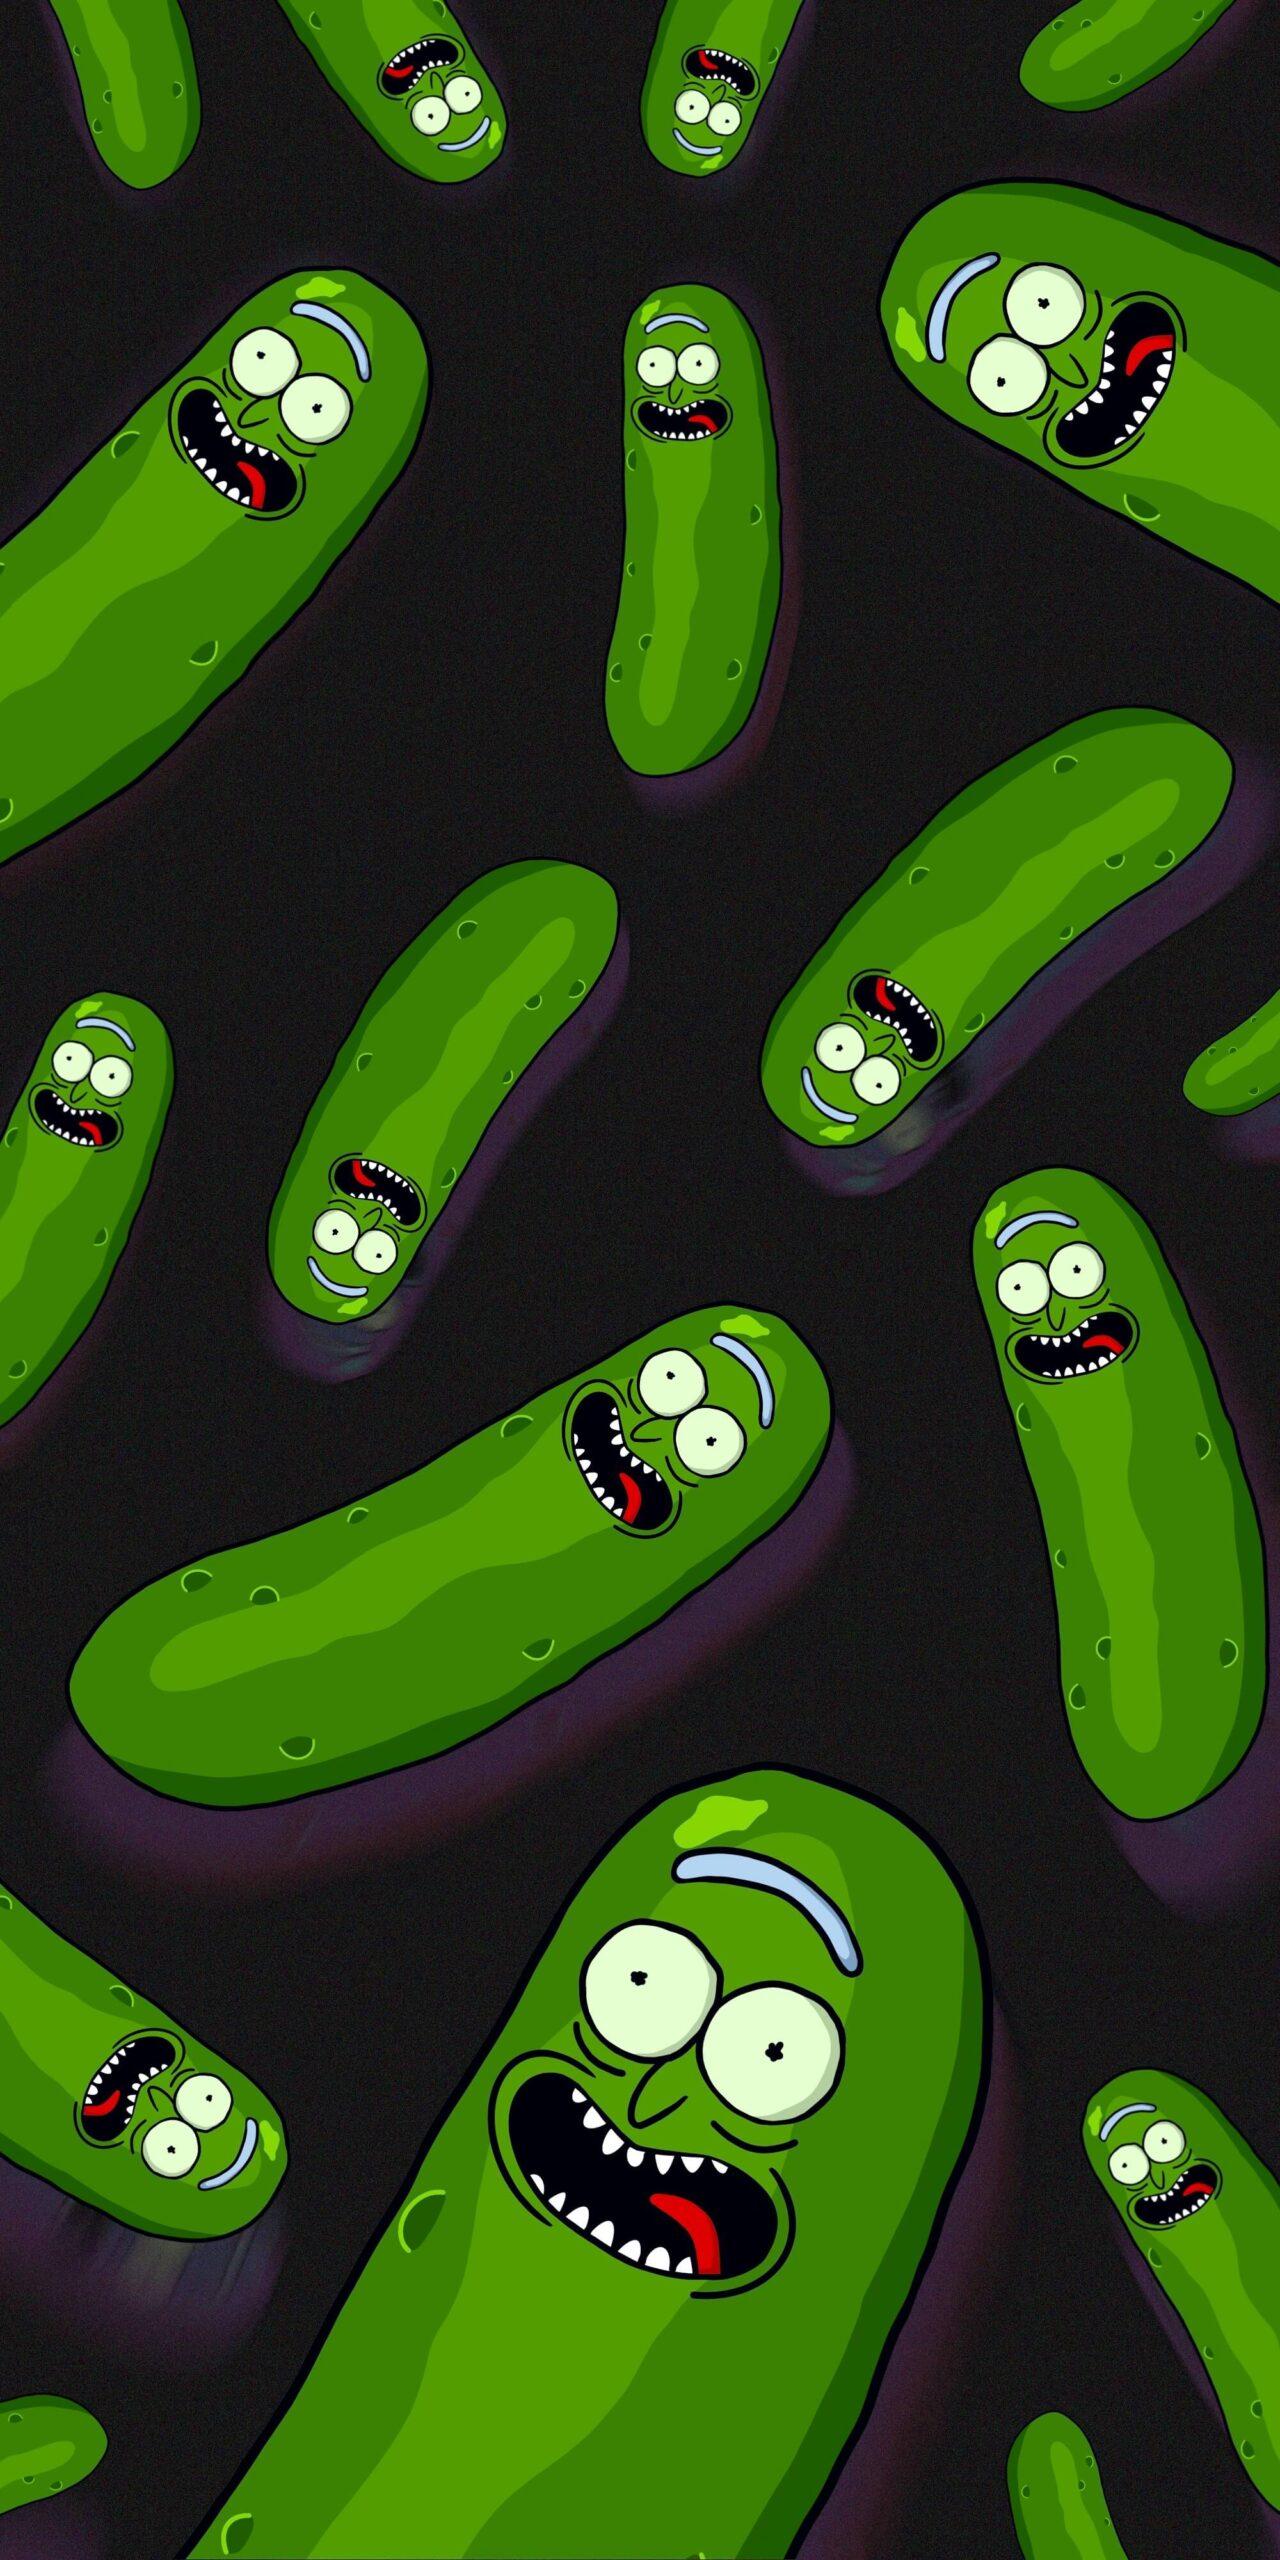 Pickle Rick Phone Wallpaper